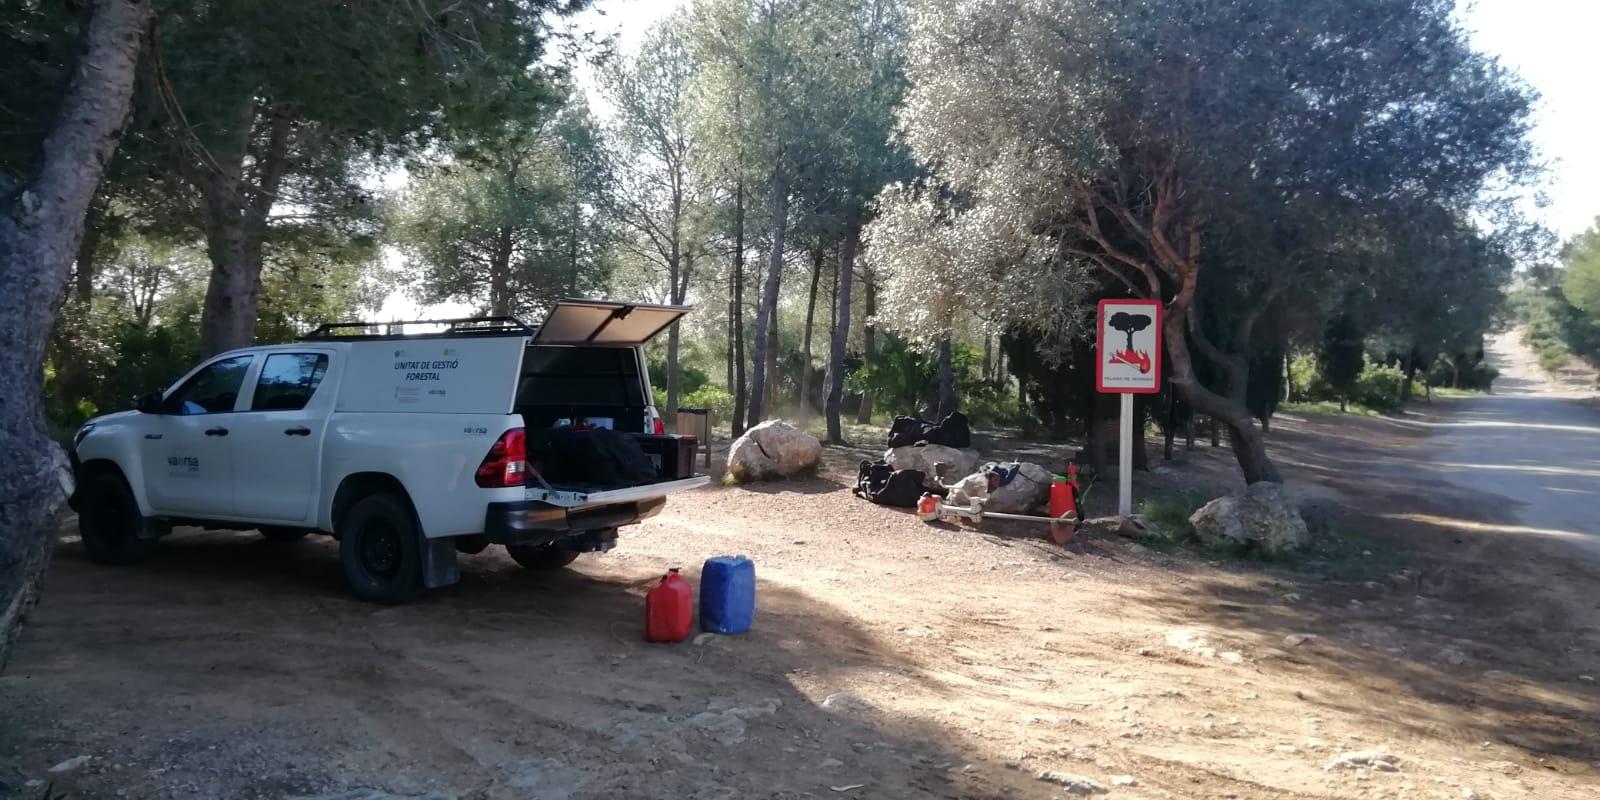 La Conselleria d'Agricultura, Desenvolupament Rural, Emergència Climàtica i Transició Ecològica està realitzant treballs de neteja a la Basseta del Bovalar de Benicarló